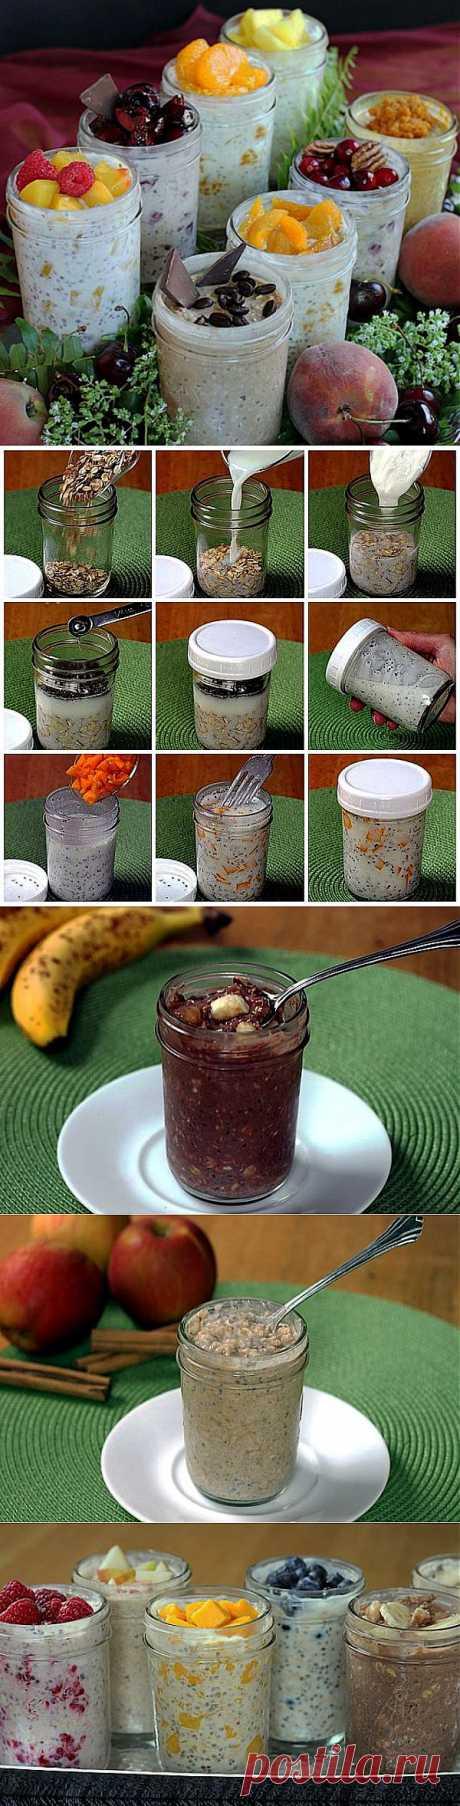 Ленивая овсянка в банке: здоровый быстрый завтрак, который не надо готовить | ПолонСил.ру - социальная сеть здоровья